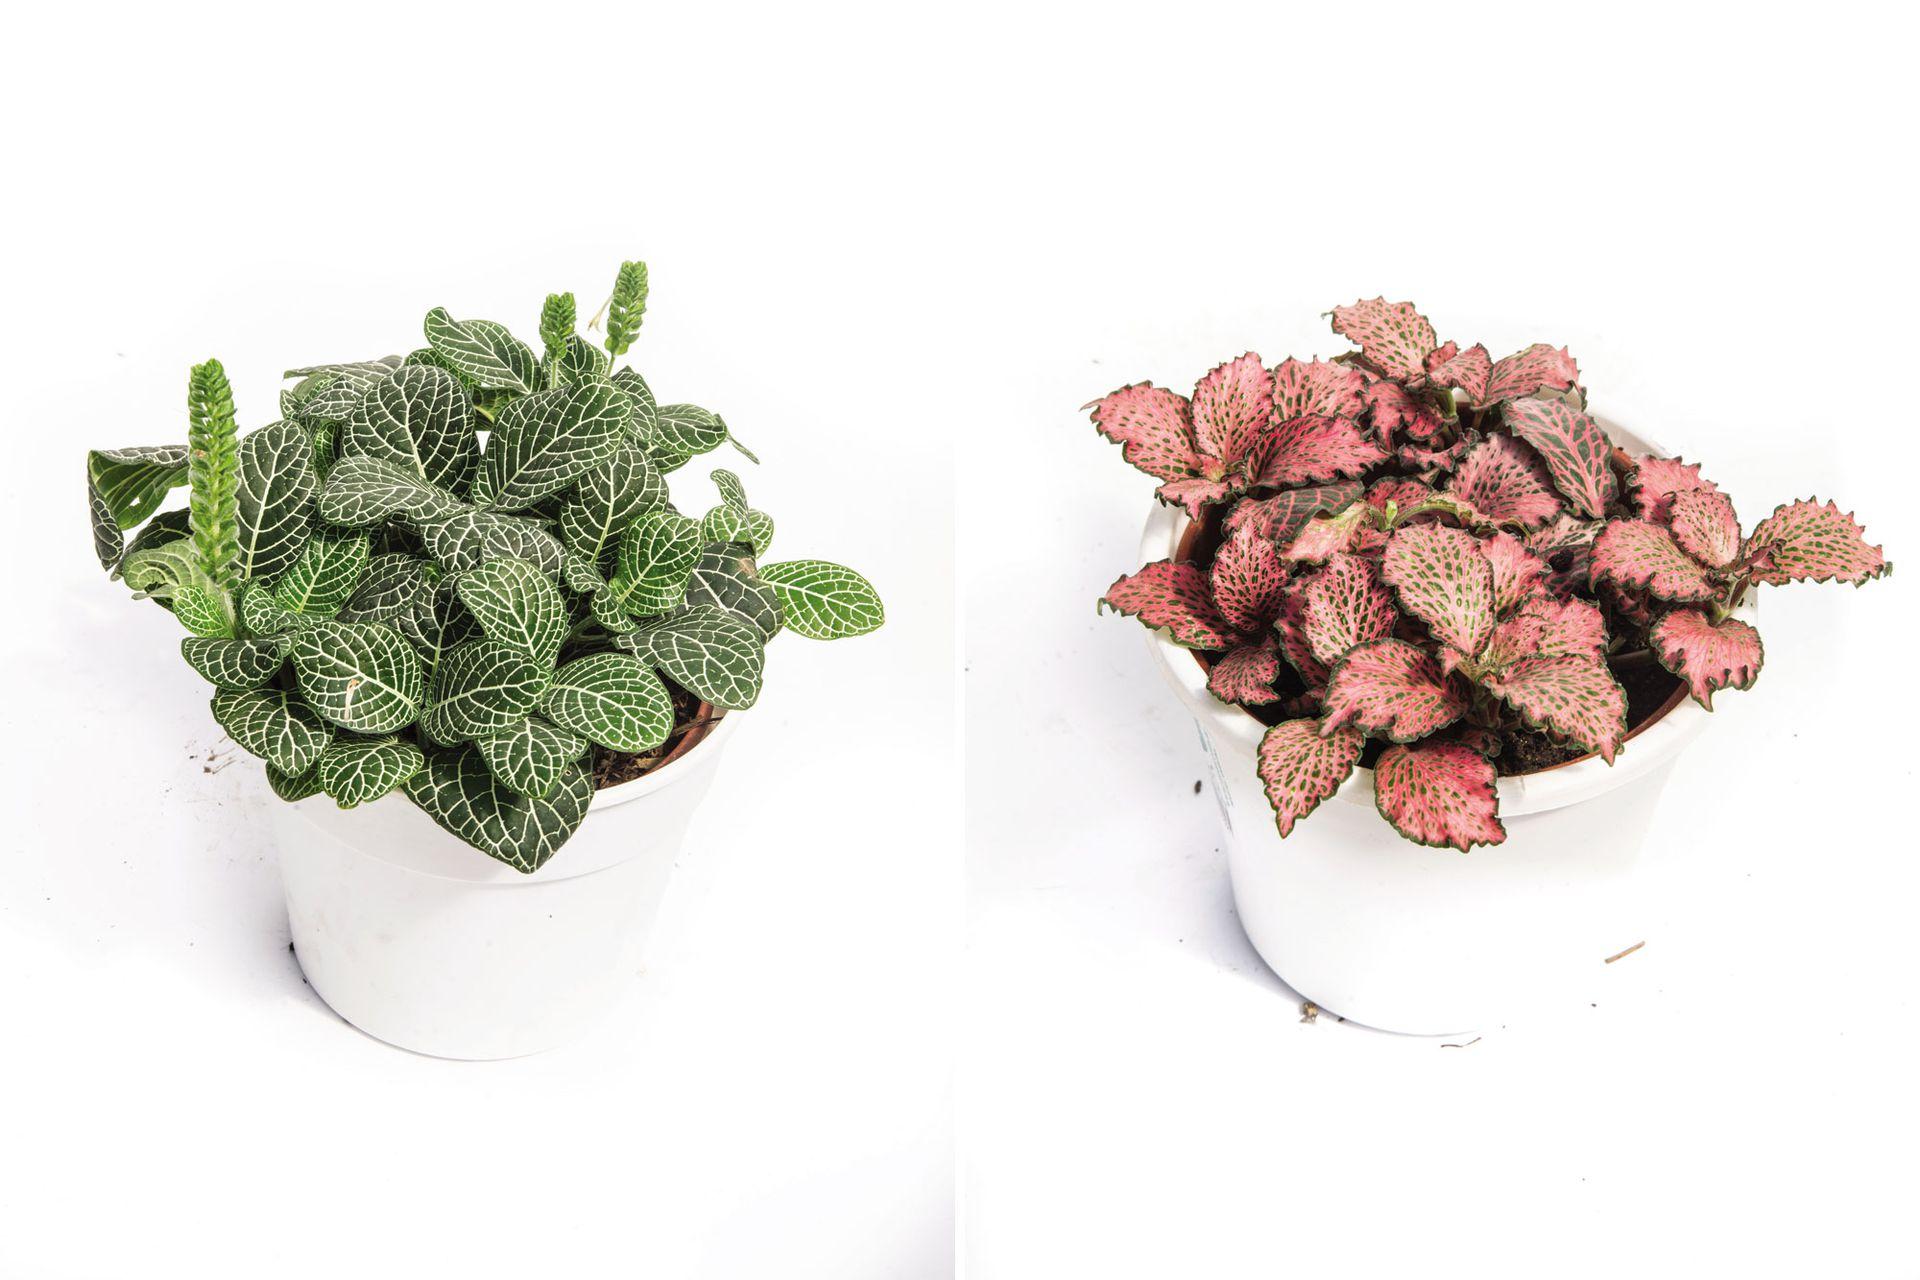 Fittonia albivenis (izquierda) y Fittonia albivenis  CV. 'Pink Star' (derecha). Es una herbácea originaria de las selvas tropicales de Sudamérica. Necesitan un ambiente cálido y muy húmedo.